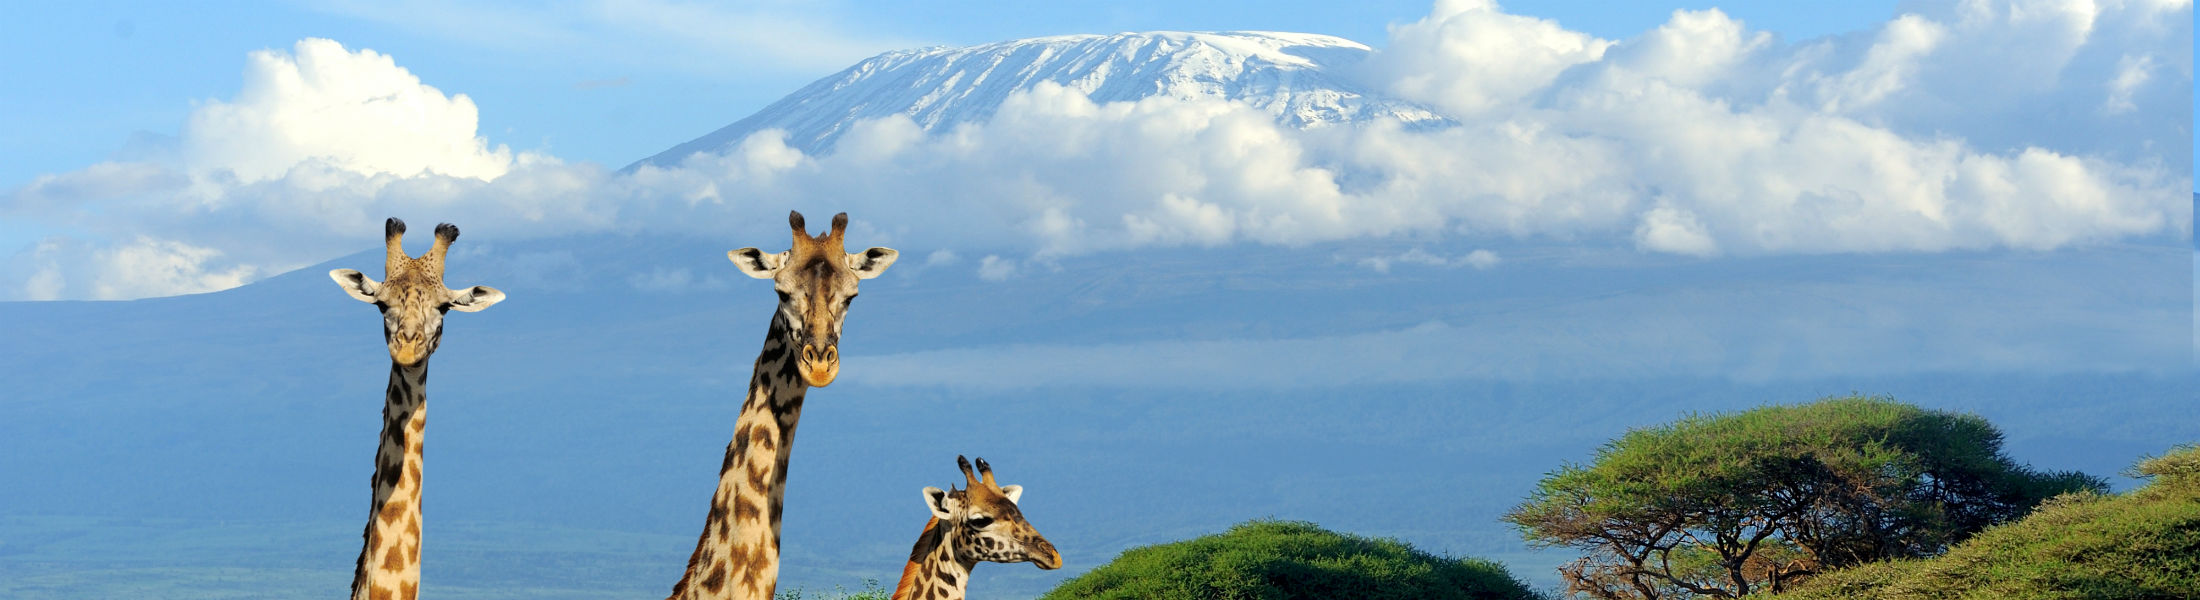 Giraffe's looking around